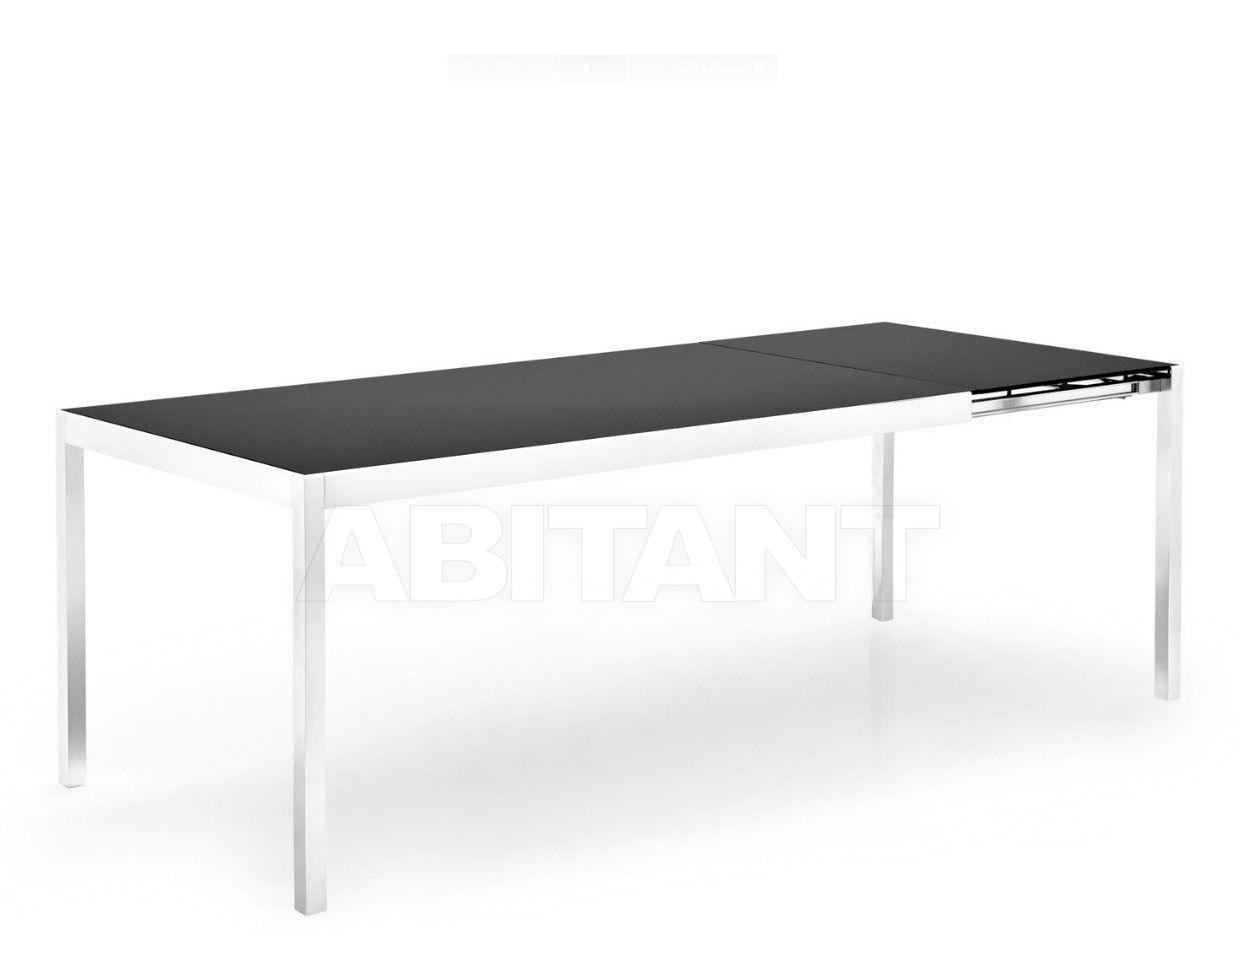 Купить Стол обеденный HAPPY Calligaris  Dining CS/4066-VR 160 GB, P74